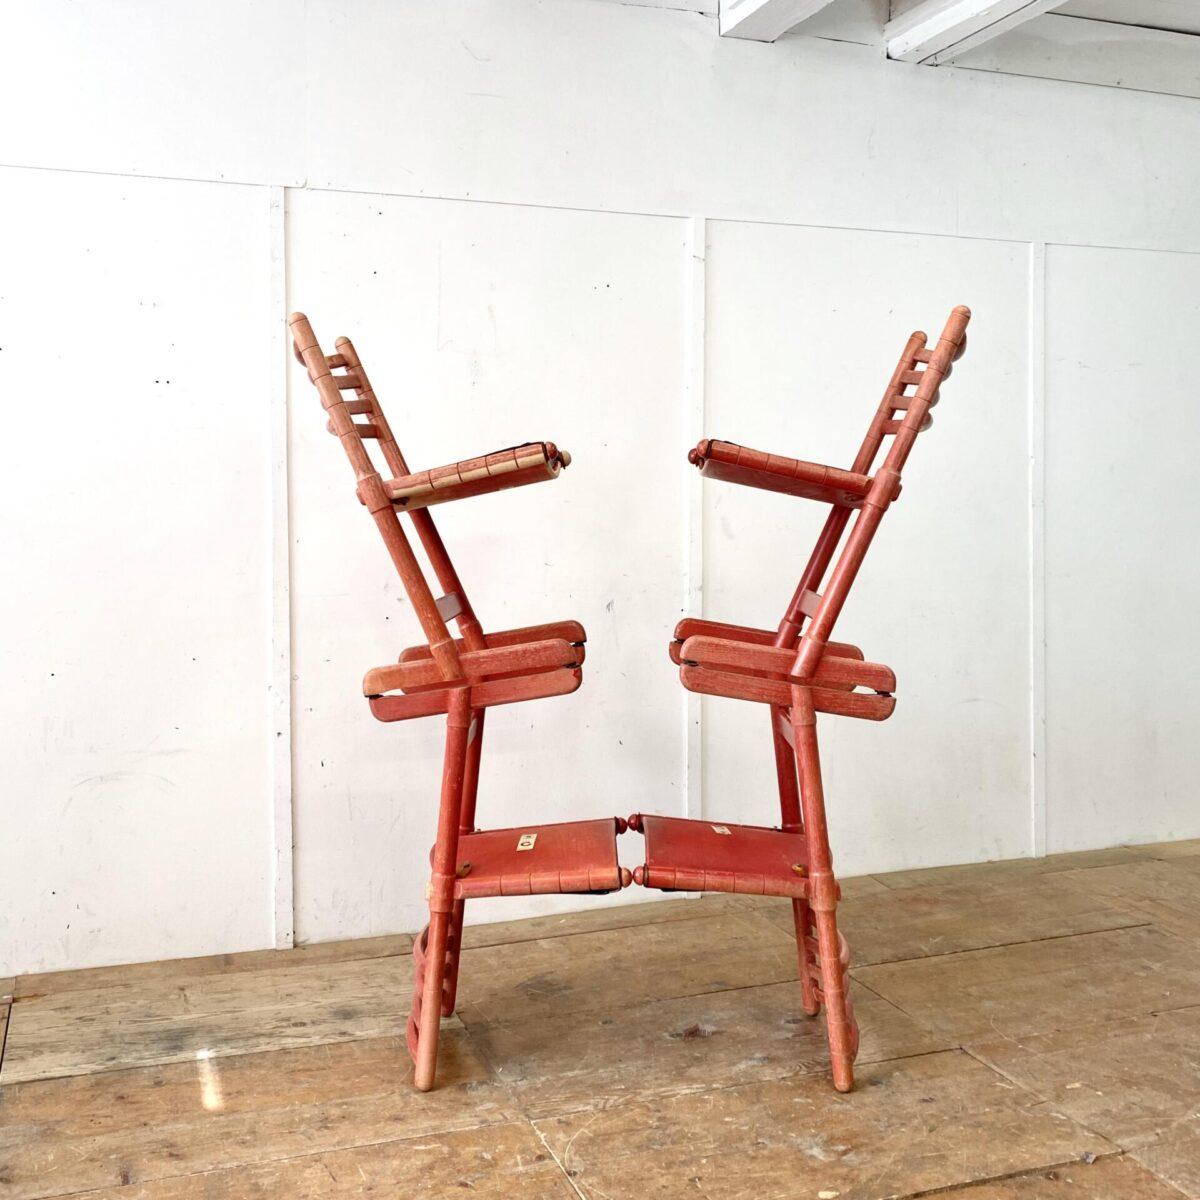 Deuxieme.shop vintage chairs 70s. 4er Set Girsberger Stühle aus den 70er Jahren. Buchenholz rot lackiert mit abnehmbaren Kunstleder Sitzpolster. Der passende Auszugtisch mit weisser Kunstharz Platte ist ebenfalls verfügbar. 120x85cm Höhe 74.5cm Ausgezogen 173cm. 200.-